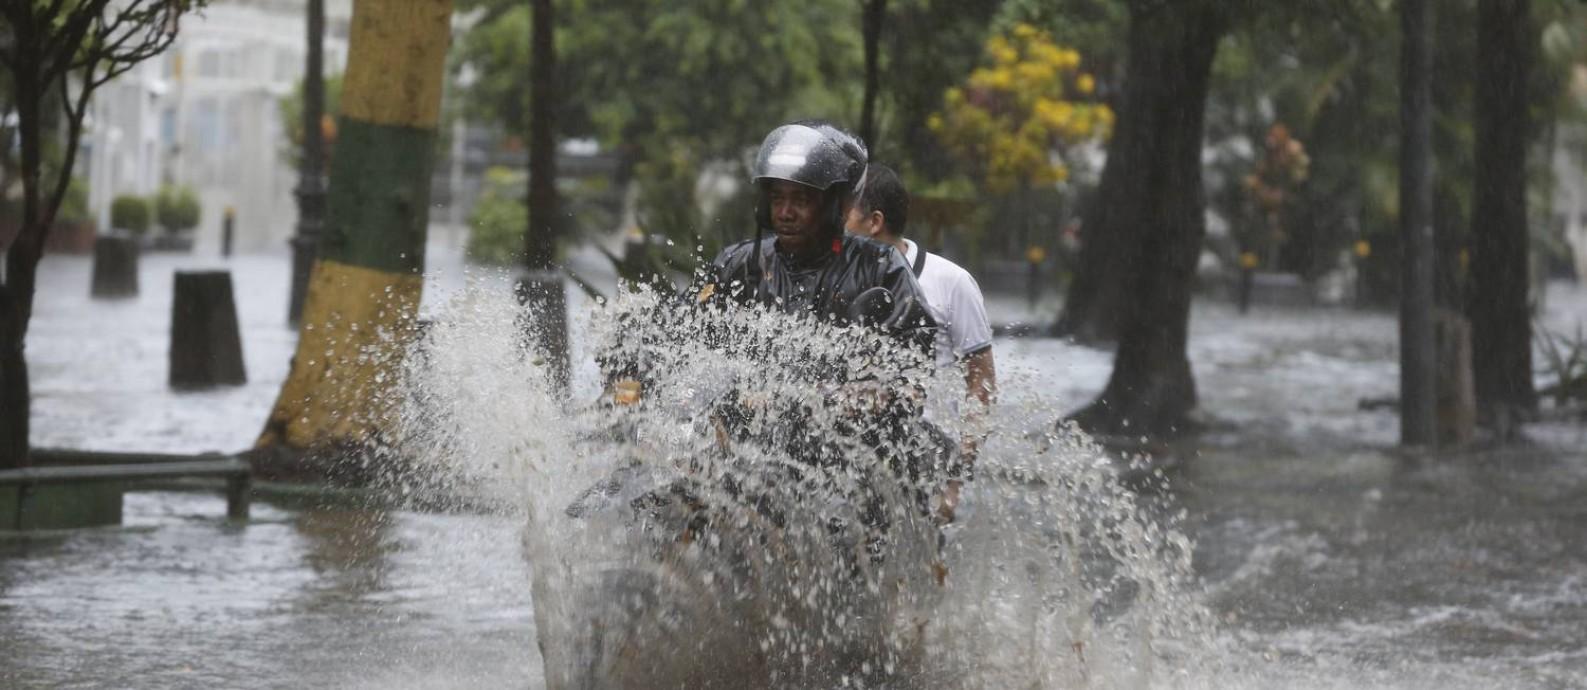 Ruas ficaram alagadas no Catete e no Flamengo Foto  Domingos Peixoto    Agência O GLOBO 7163c4d482114